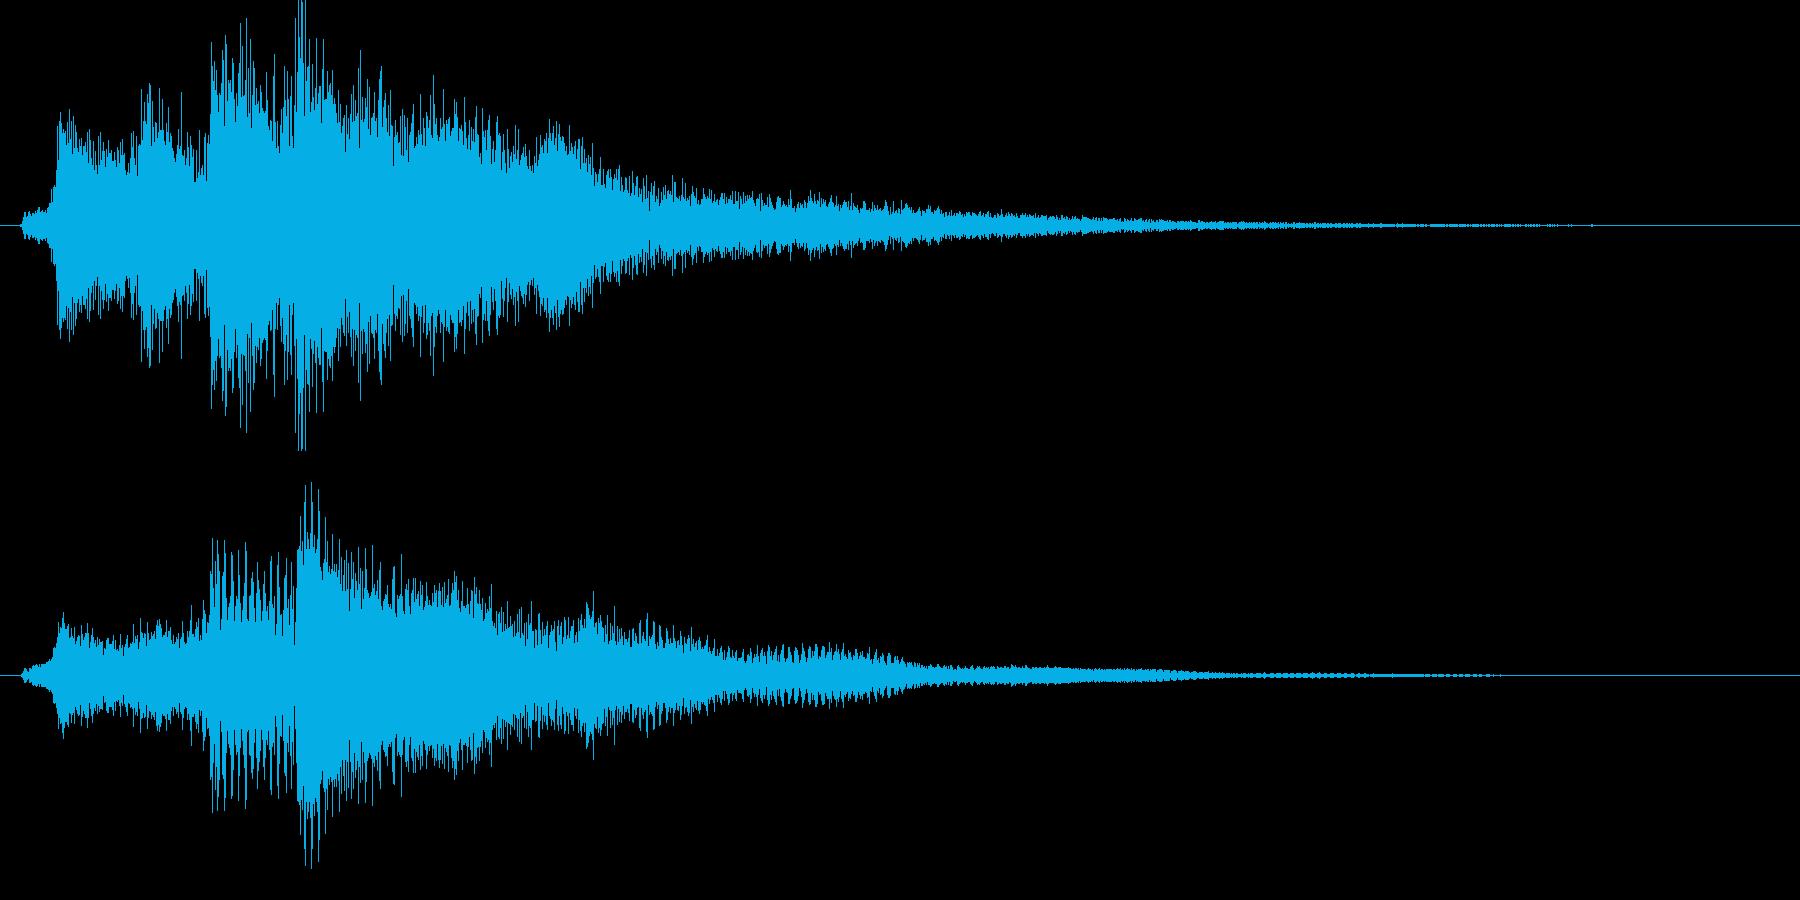 キラキラなサウンドロゴの再生済みの波形